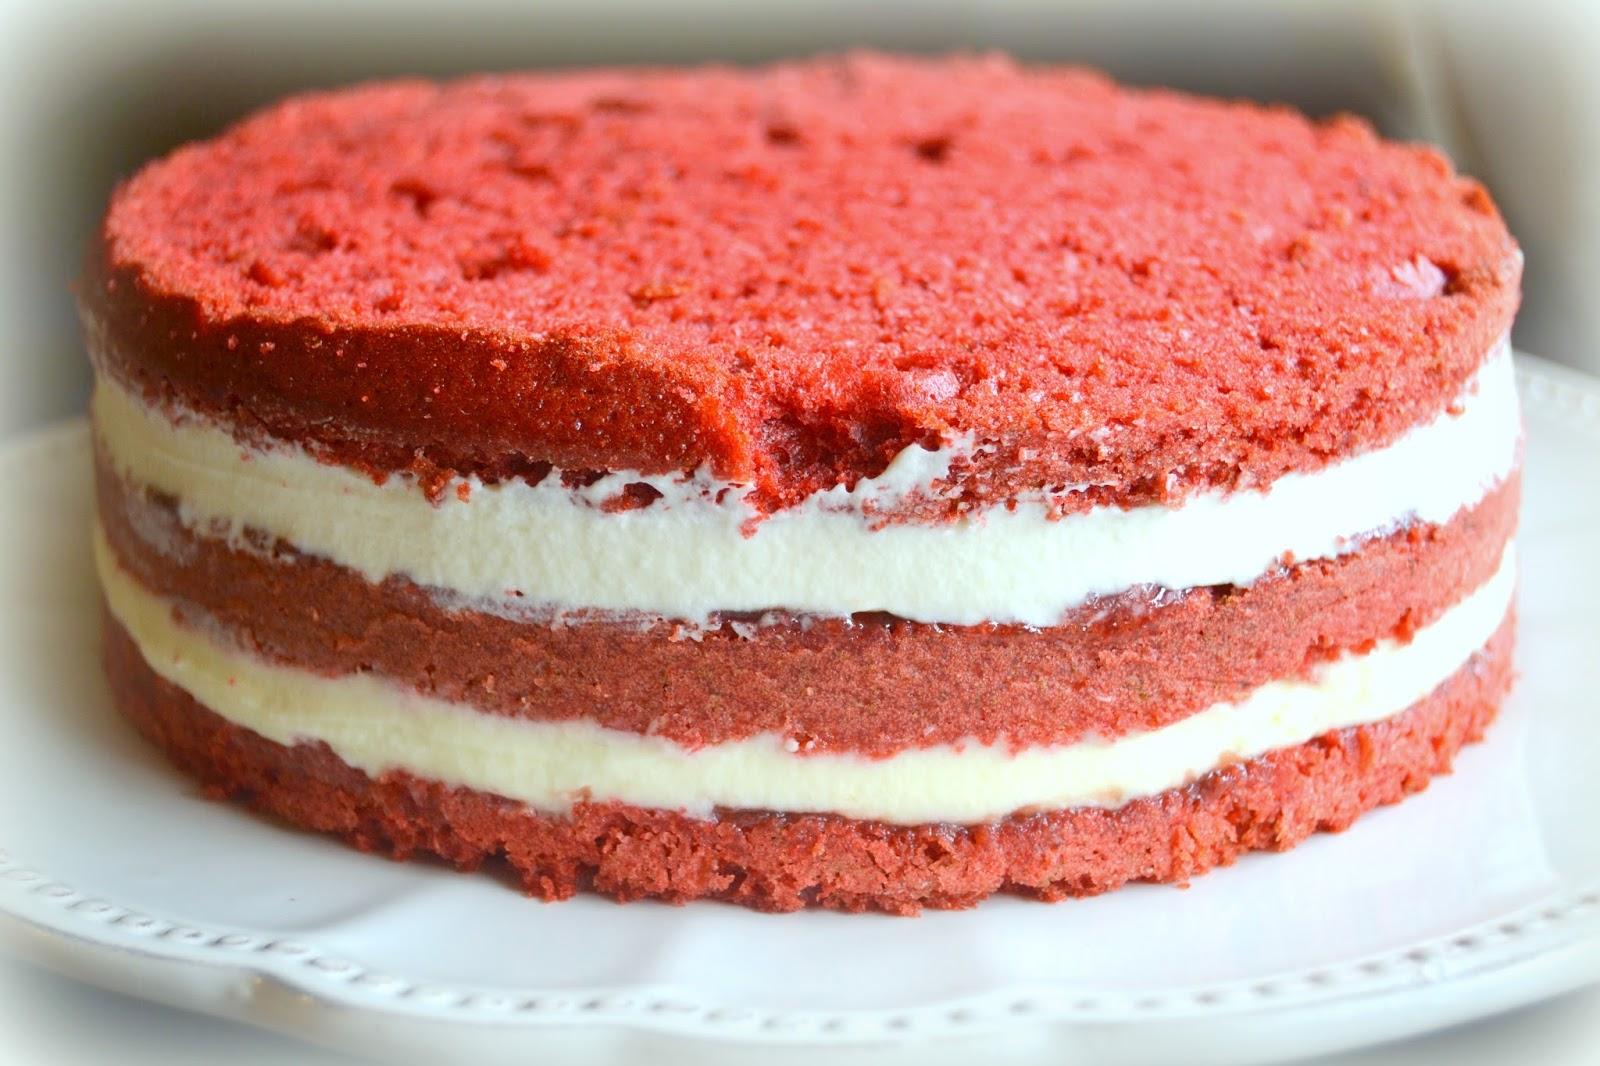 Red velvet con fresas y chocolate blanco. Sencillo, fácil, casero.